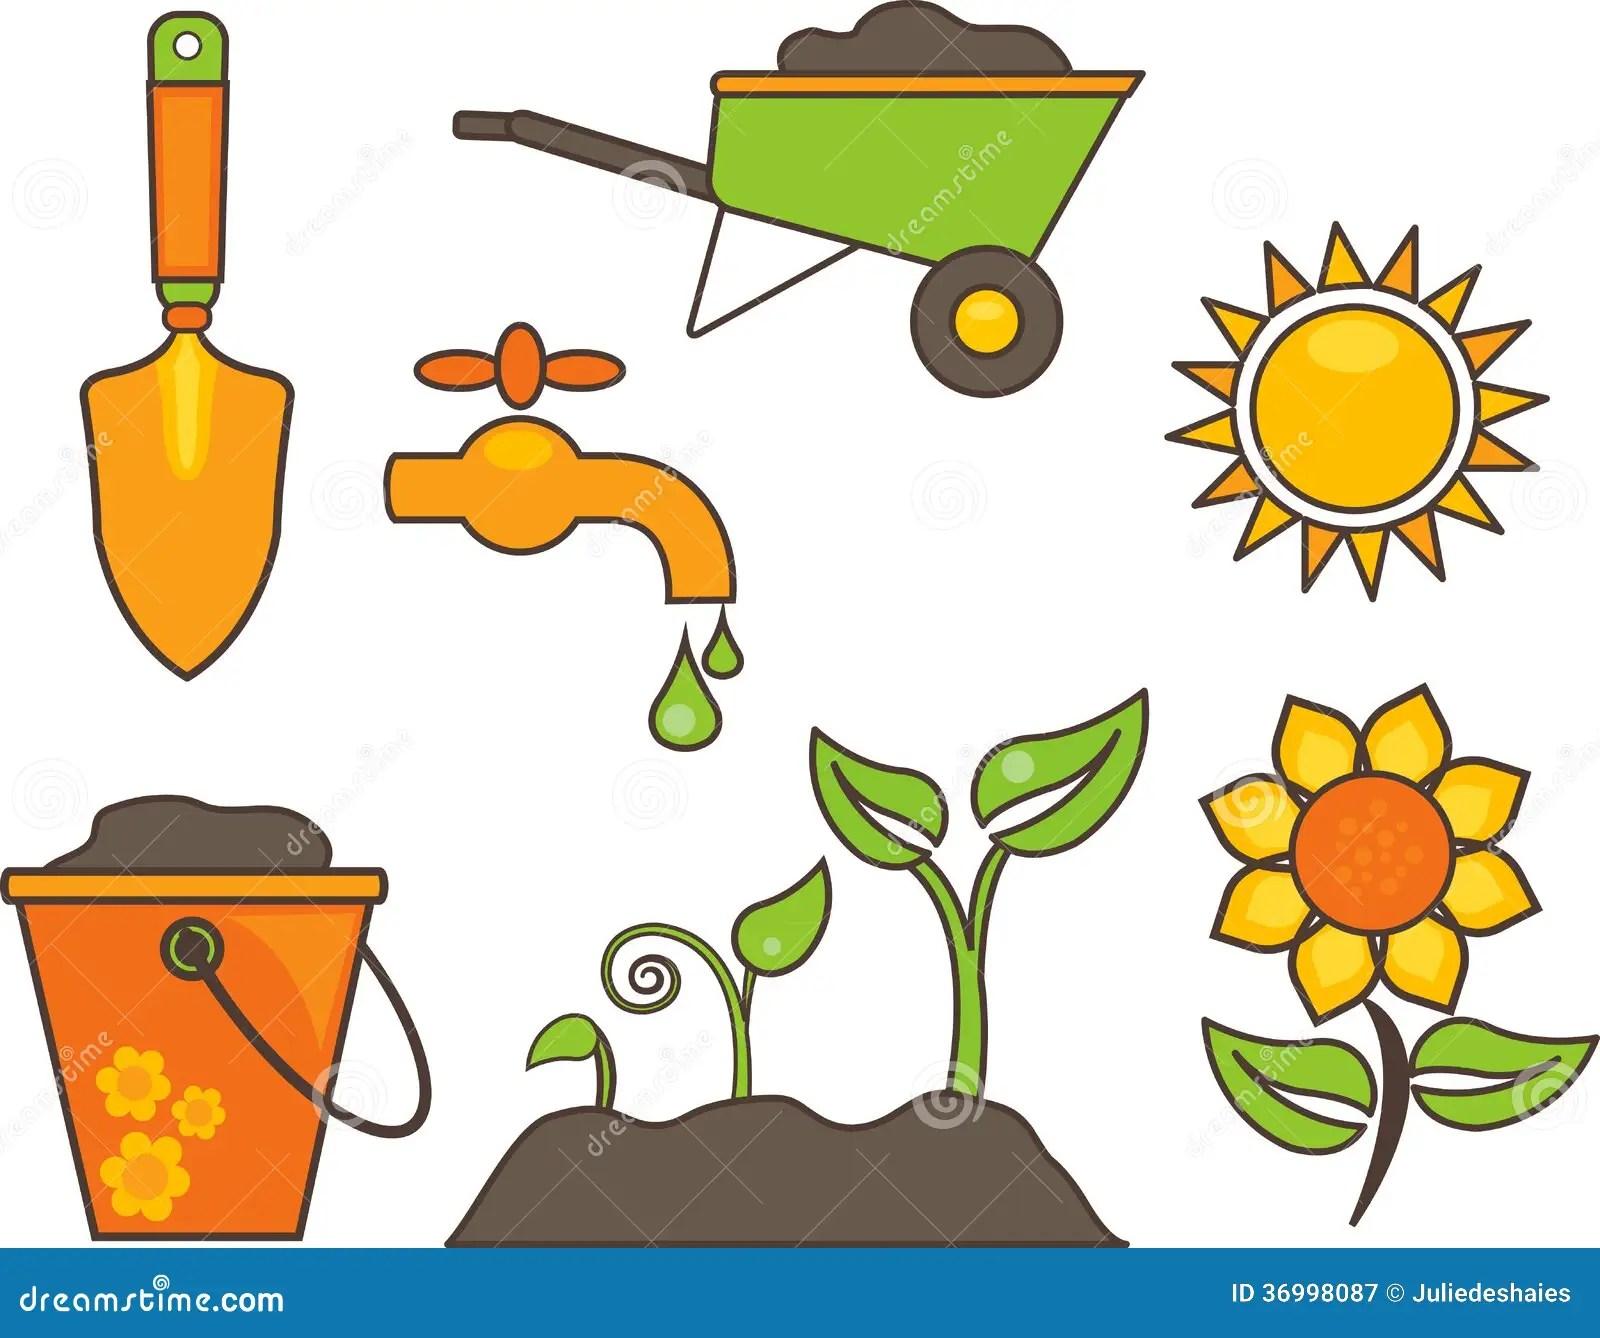 Gardening Equipment Illustration Royalty Free Stock